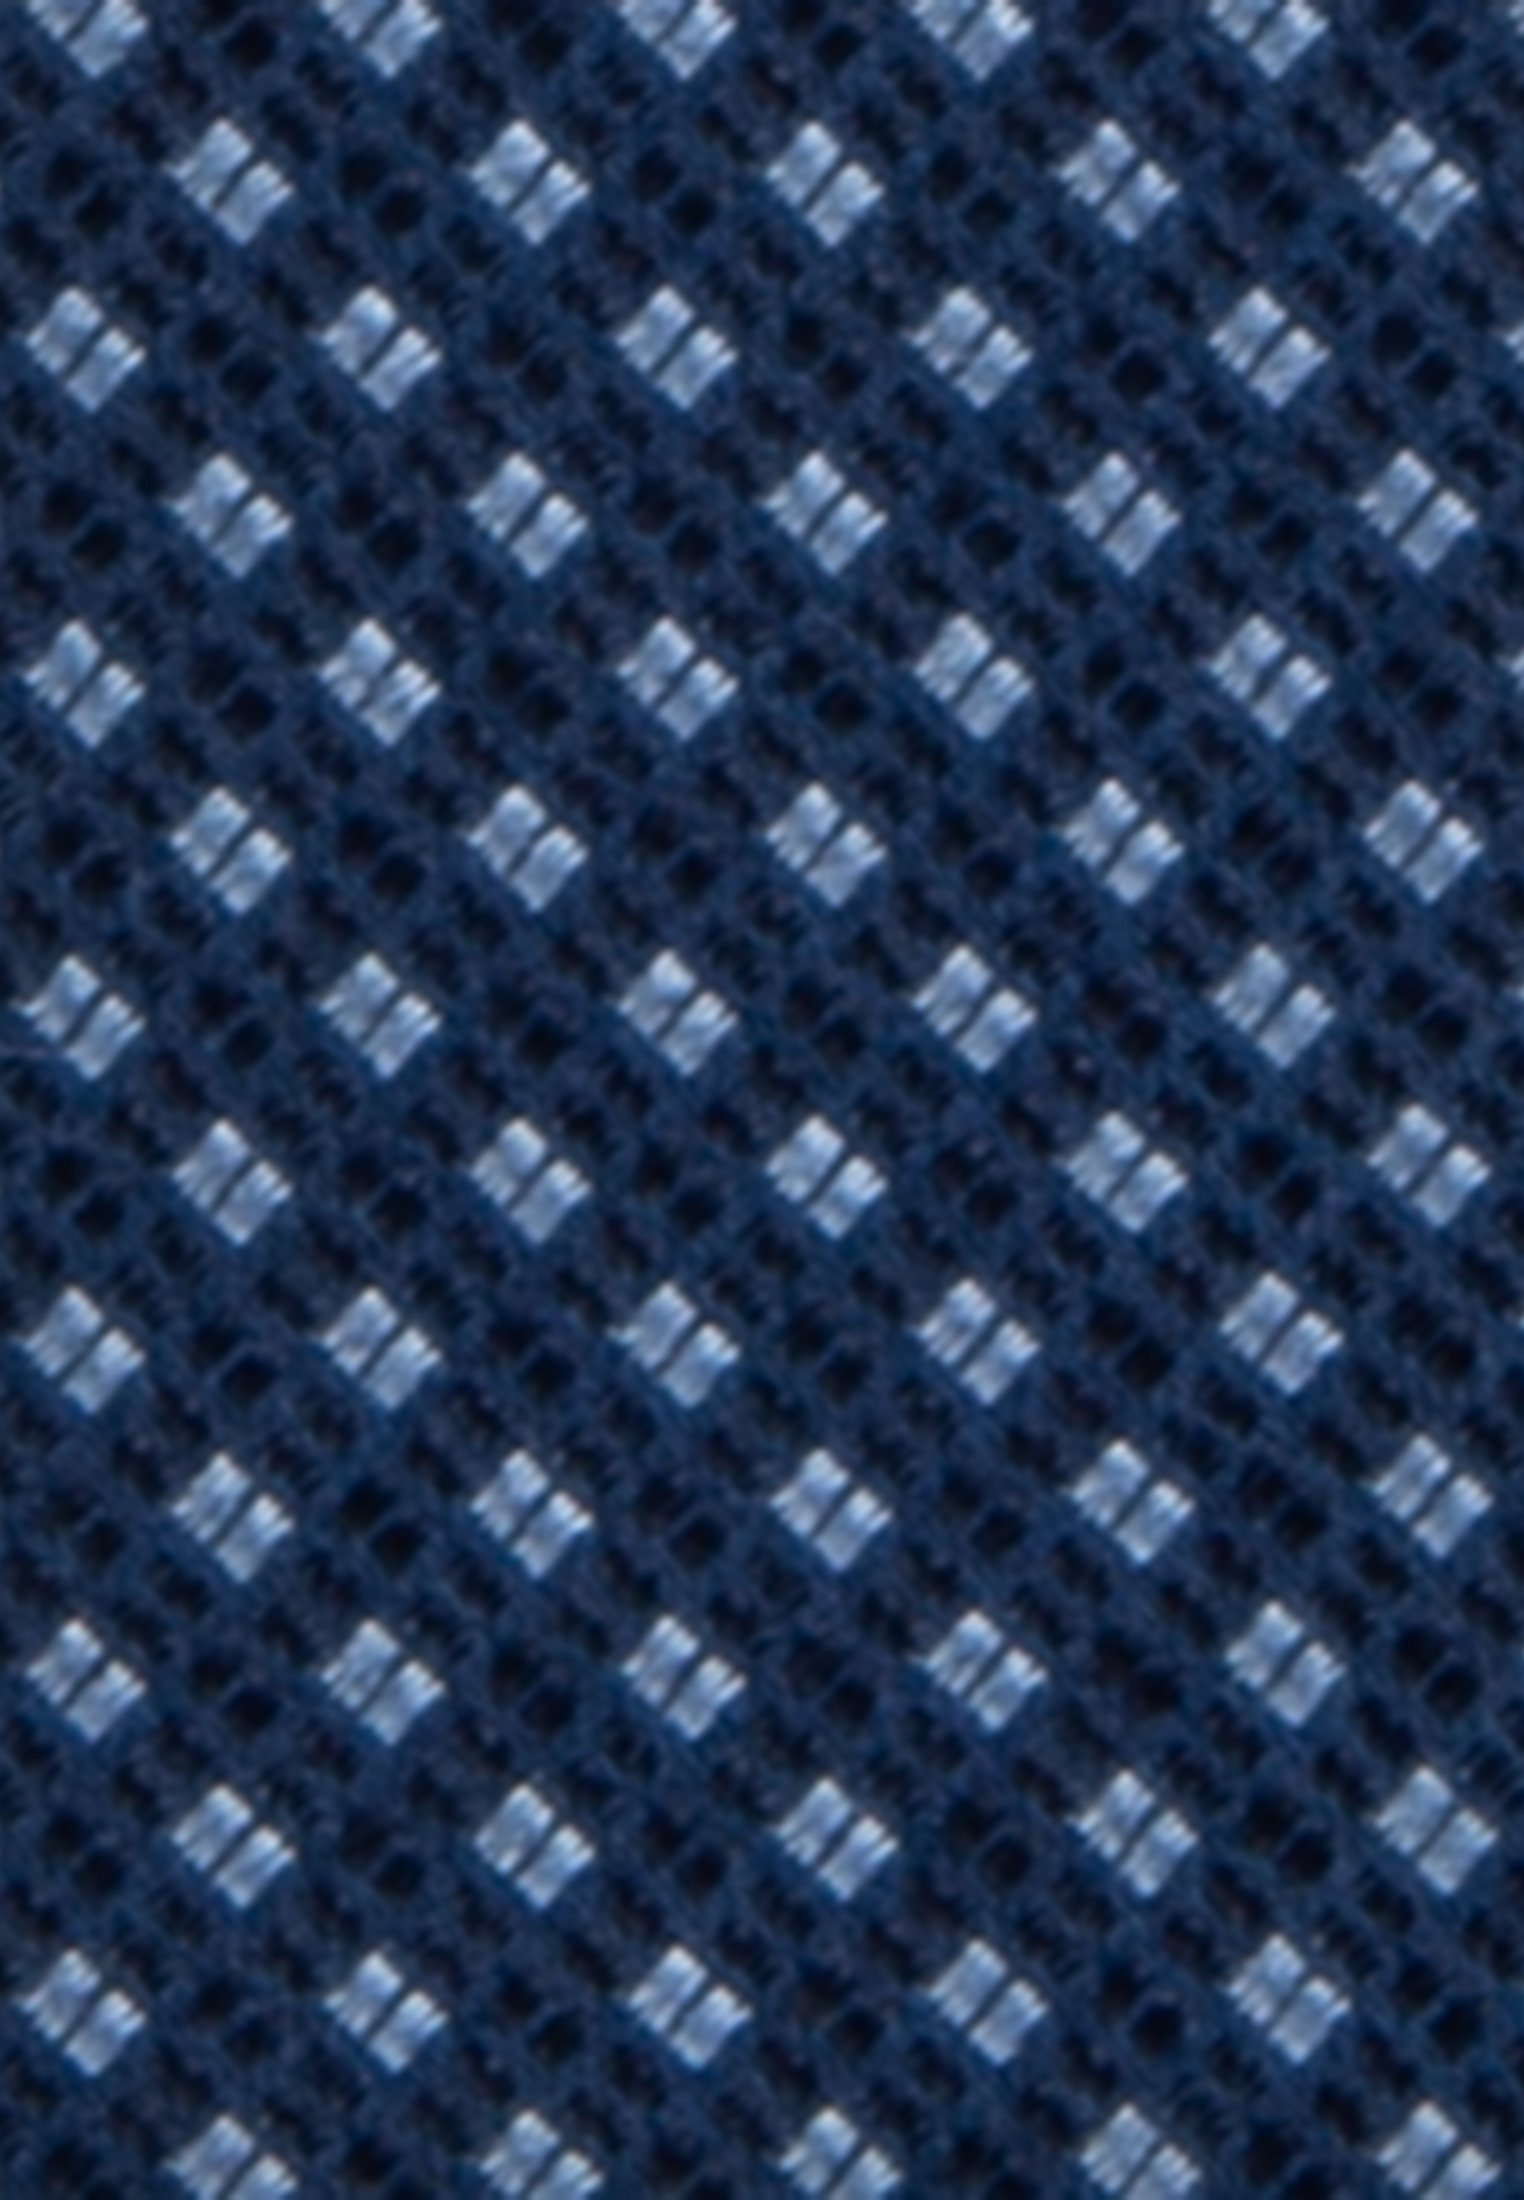 Seidensticker Krawatte - hellblau - Herrenaccessoires 4WRJ5